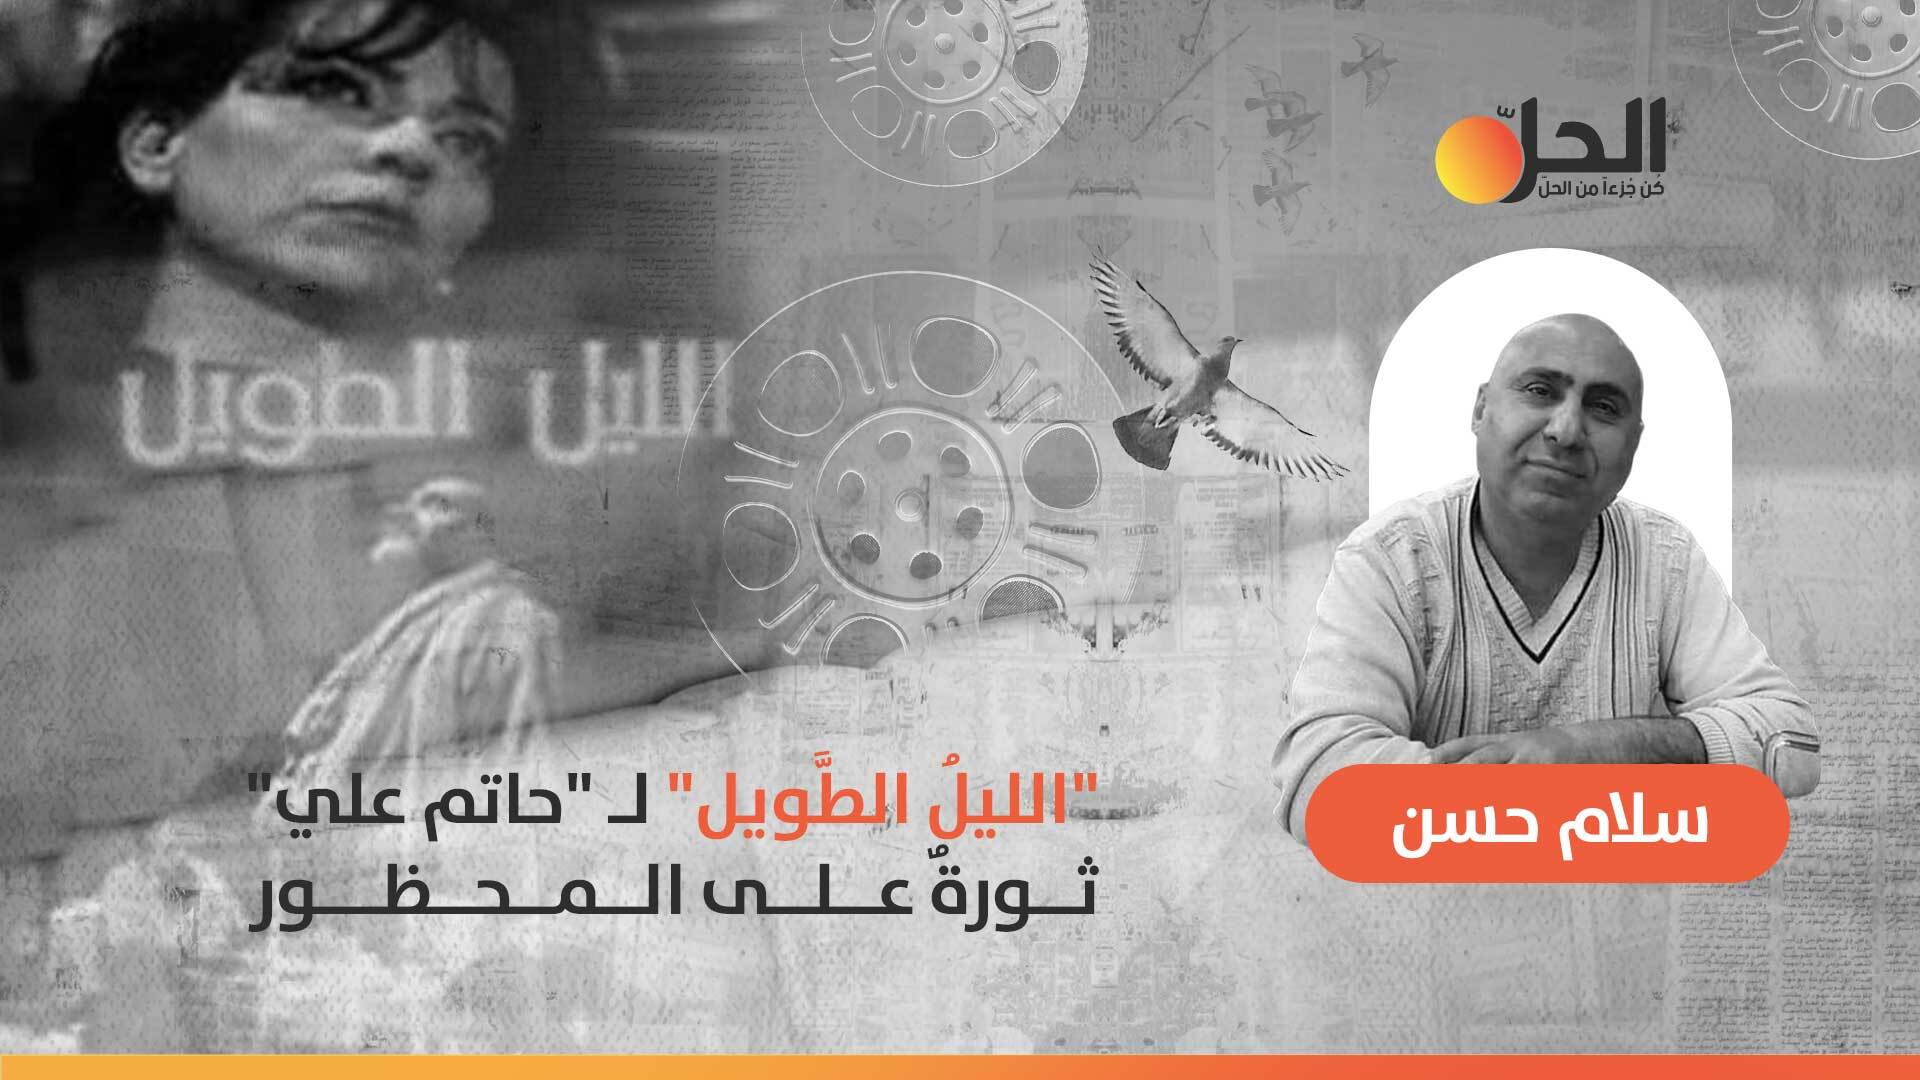 """(الليلُ الطَّويل) لـ """"حاتم علي"""" ثورةٌ على المحظور"""